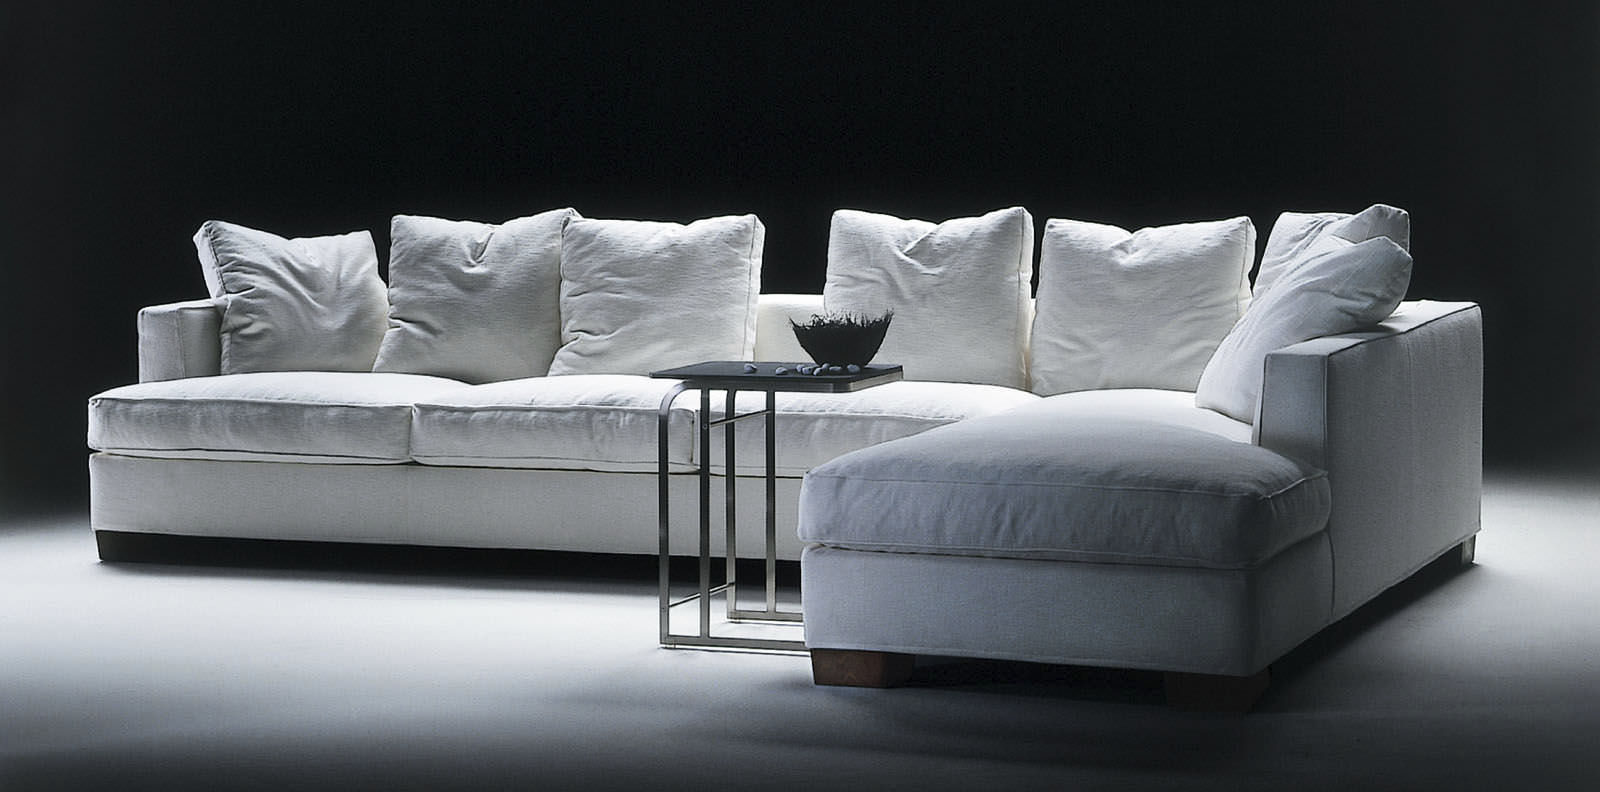 ספה פינתית דגם בולרו